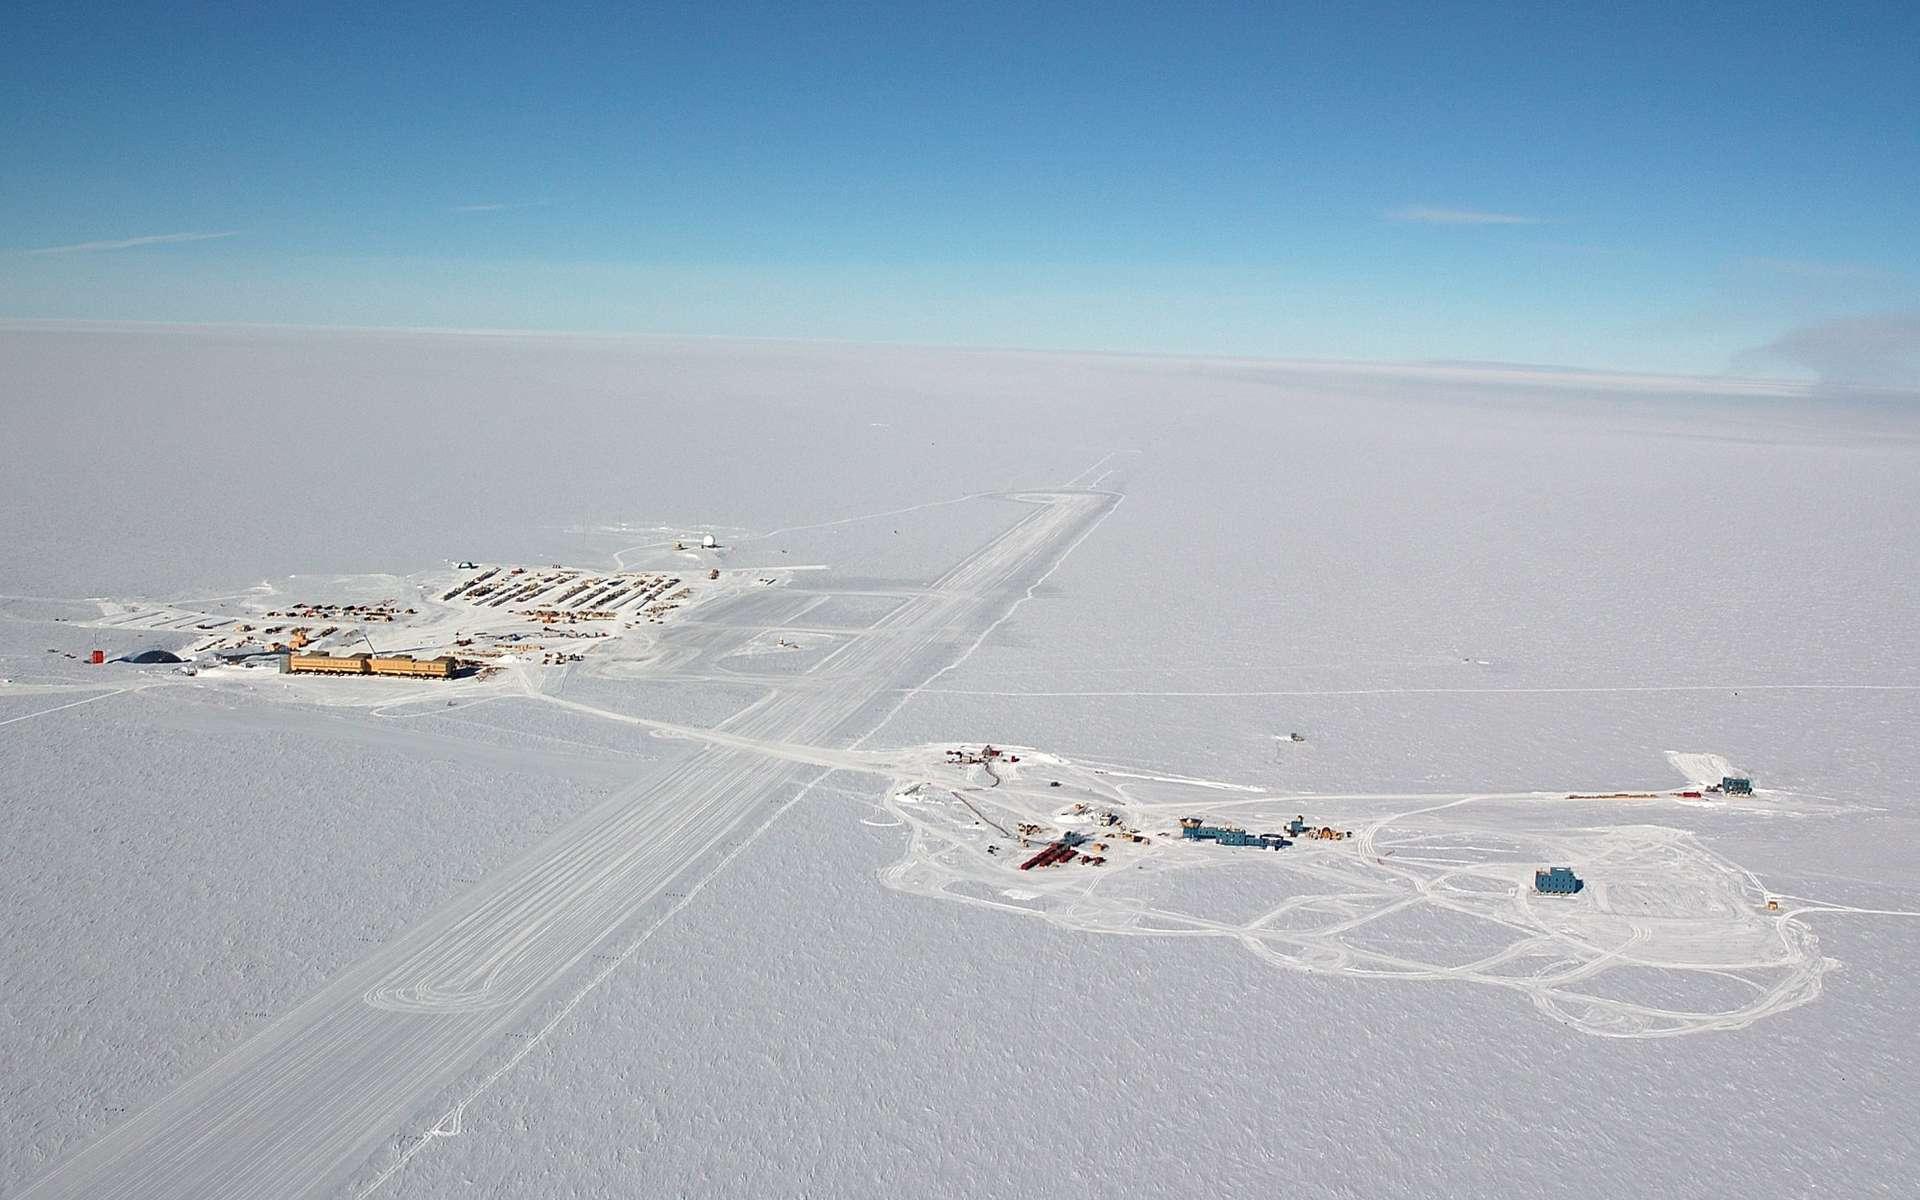 Vue aérienne de la base antarctique Amundsen-Scott, située exactement au pôle Sud géographique. Les lieux de vie et de travail sont à gauche, les grandes expériences dédiées à l'astrophysique et à la cosmologie comme IceCube, Bicep, SPT et Keck Array sont à droite, à environ un kilomètre. On peut se laisser aller à rêver que la base soit la concrétisation de l'Expédition polaire internationale (EPI), la base en Antarctique du roman La nuit des temps de René Barjavel. © Forest Banks, NSF